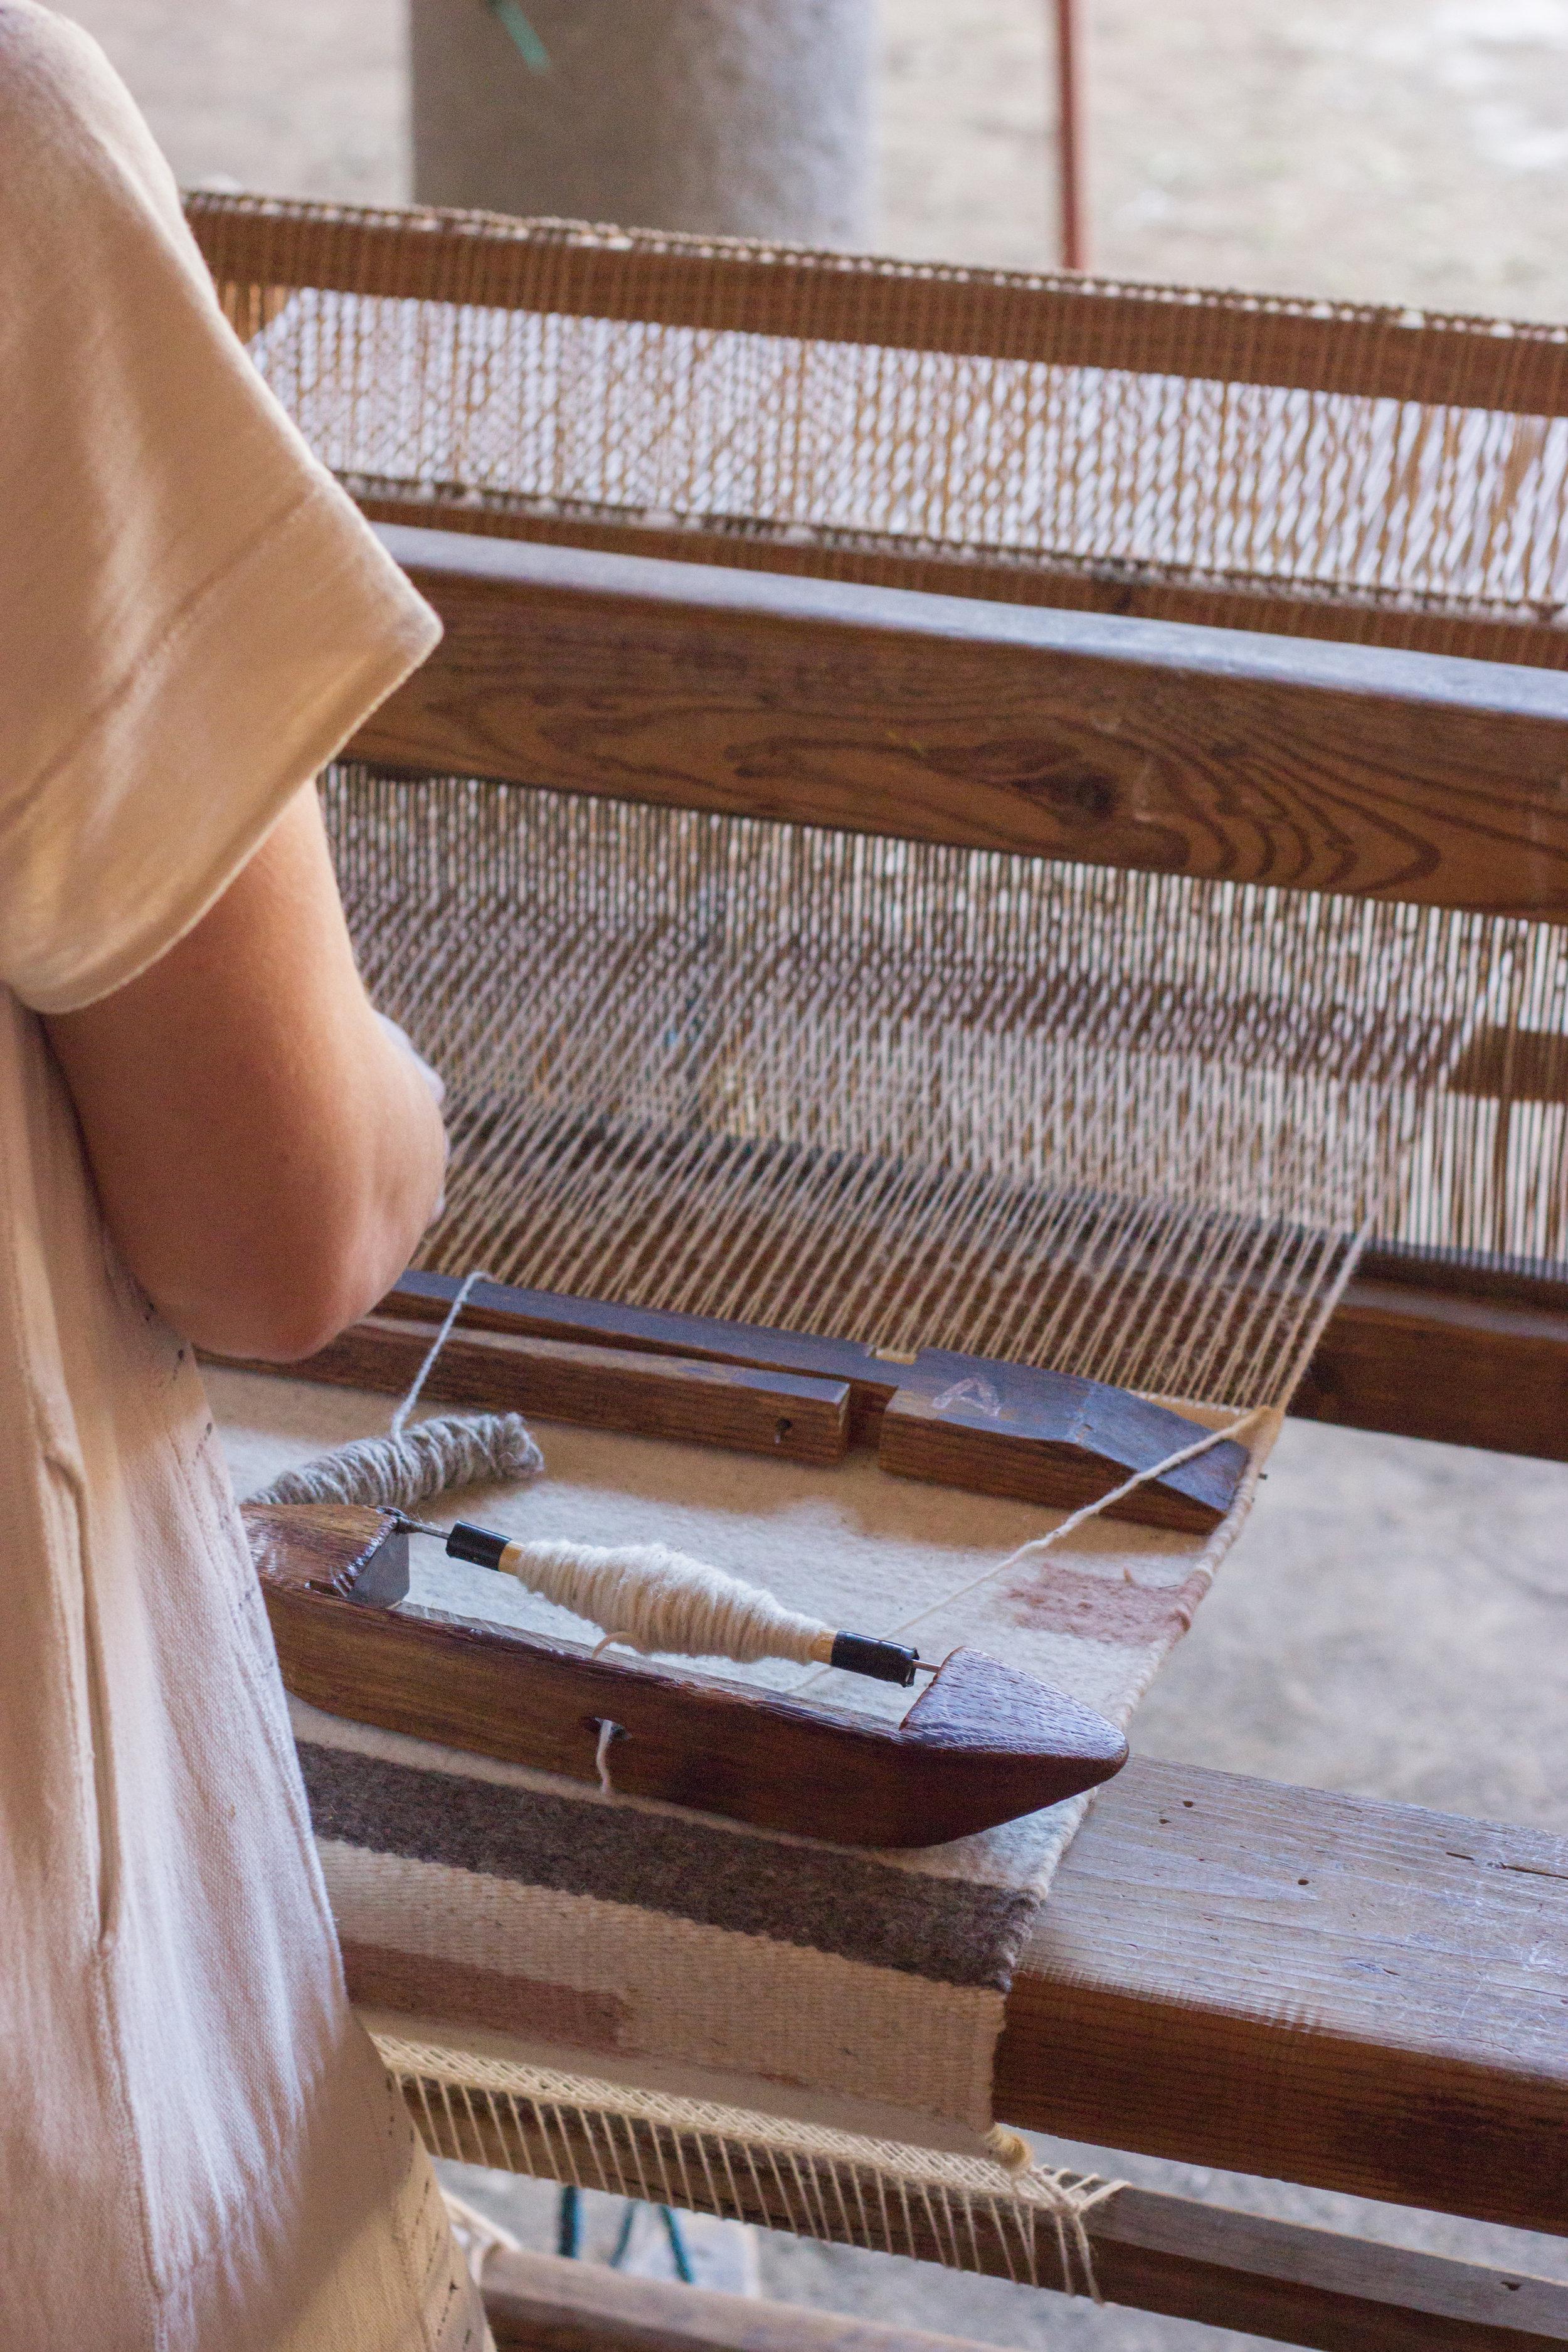 emily katz weaving on a footloom with thread caravan oaxaca